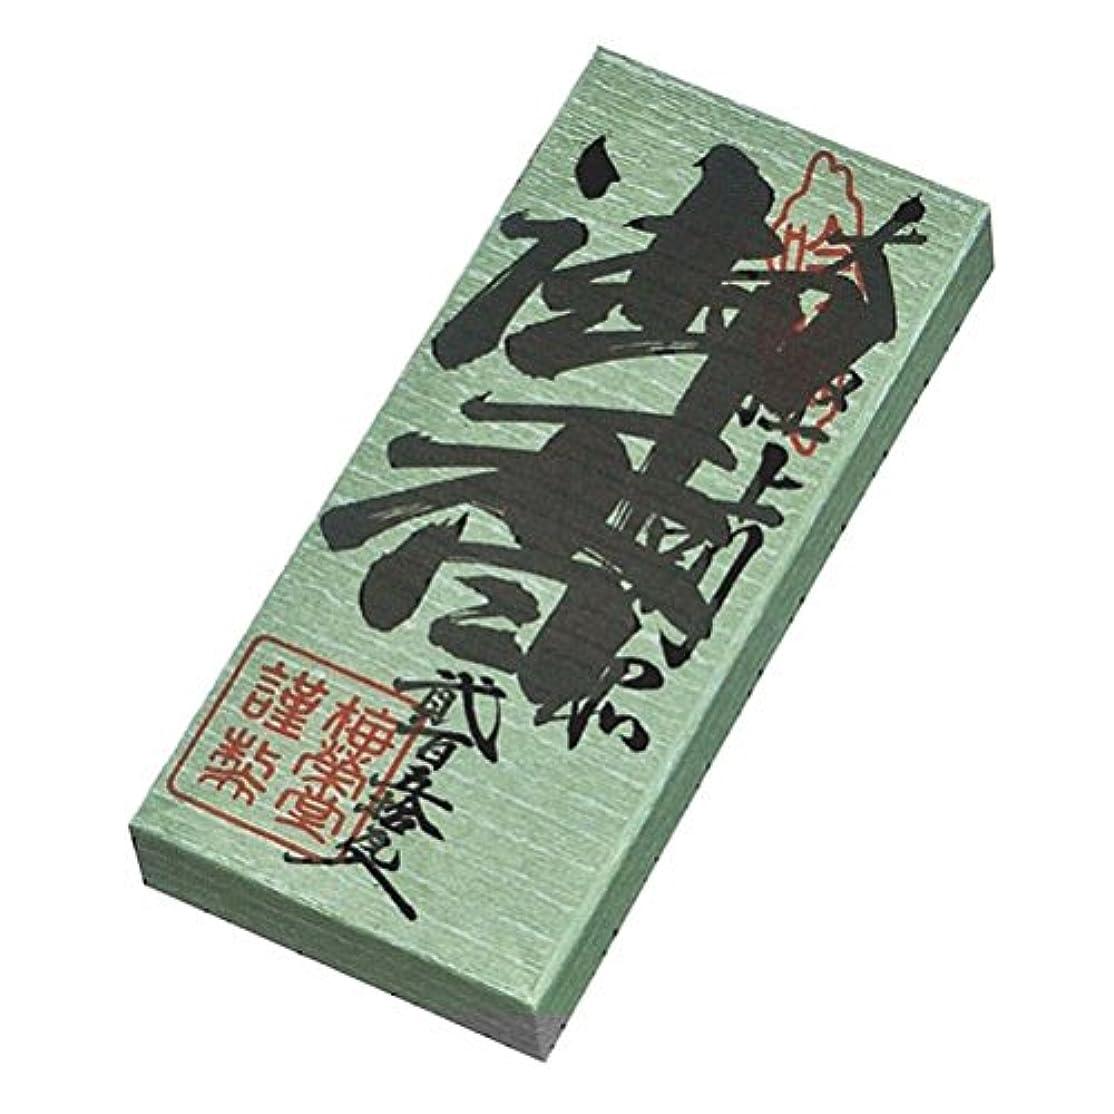 懸念キャベツ豊富に梅栄印 250g 紙箱入り お焼香 梅栄堂